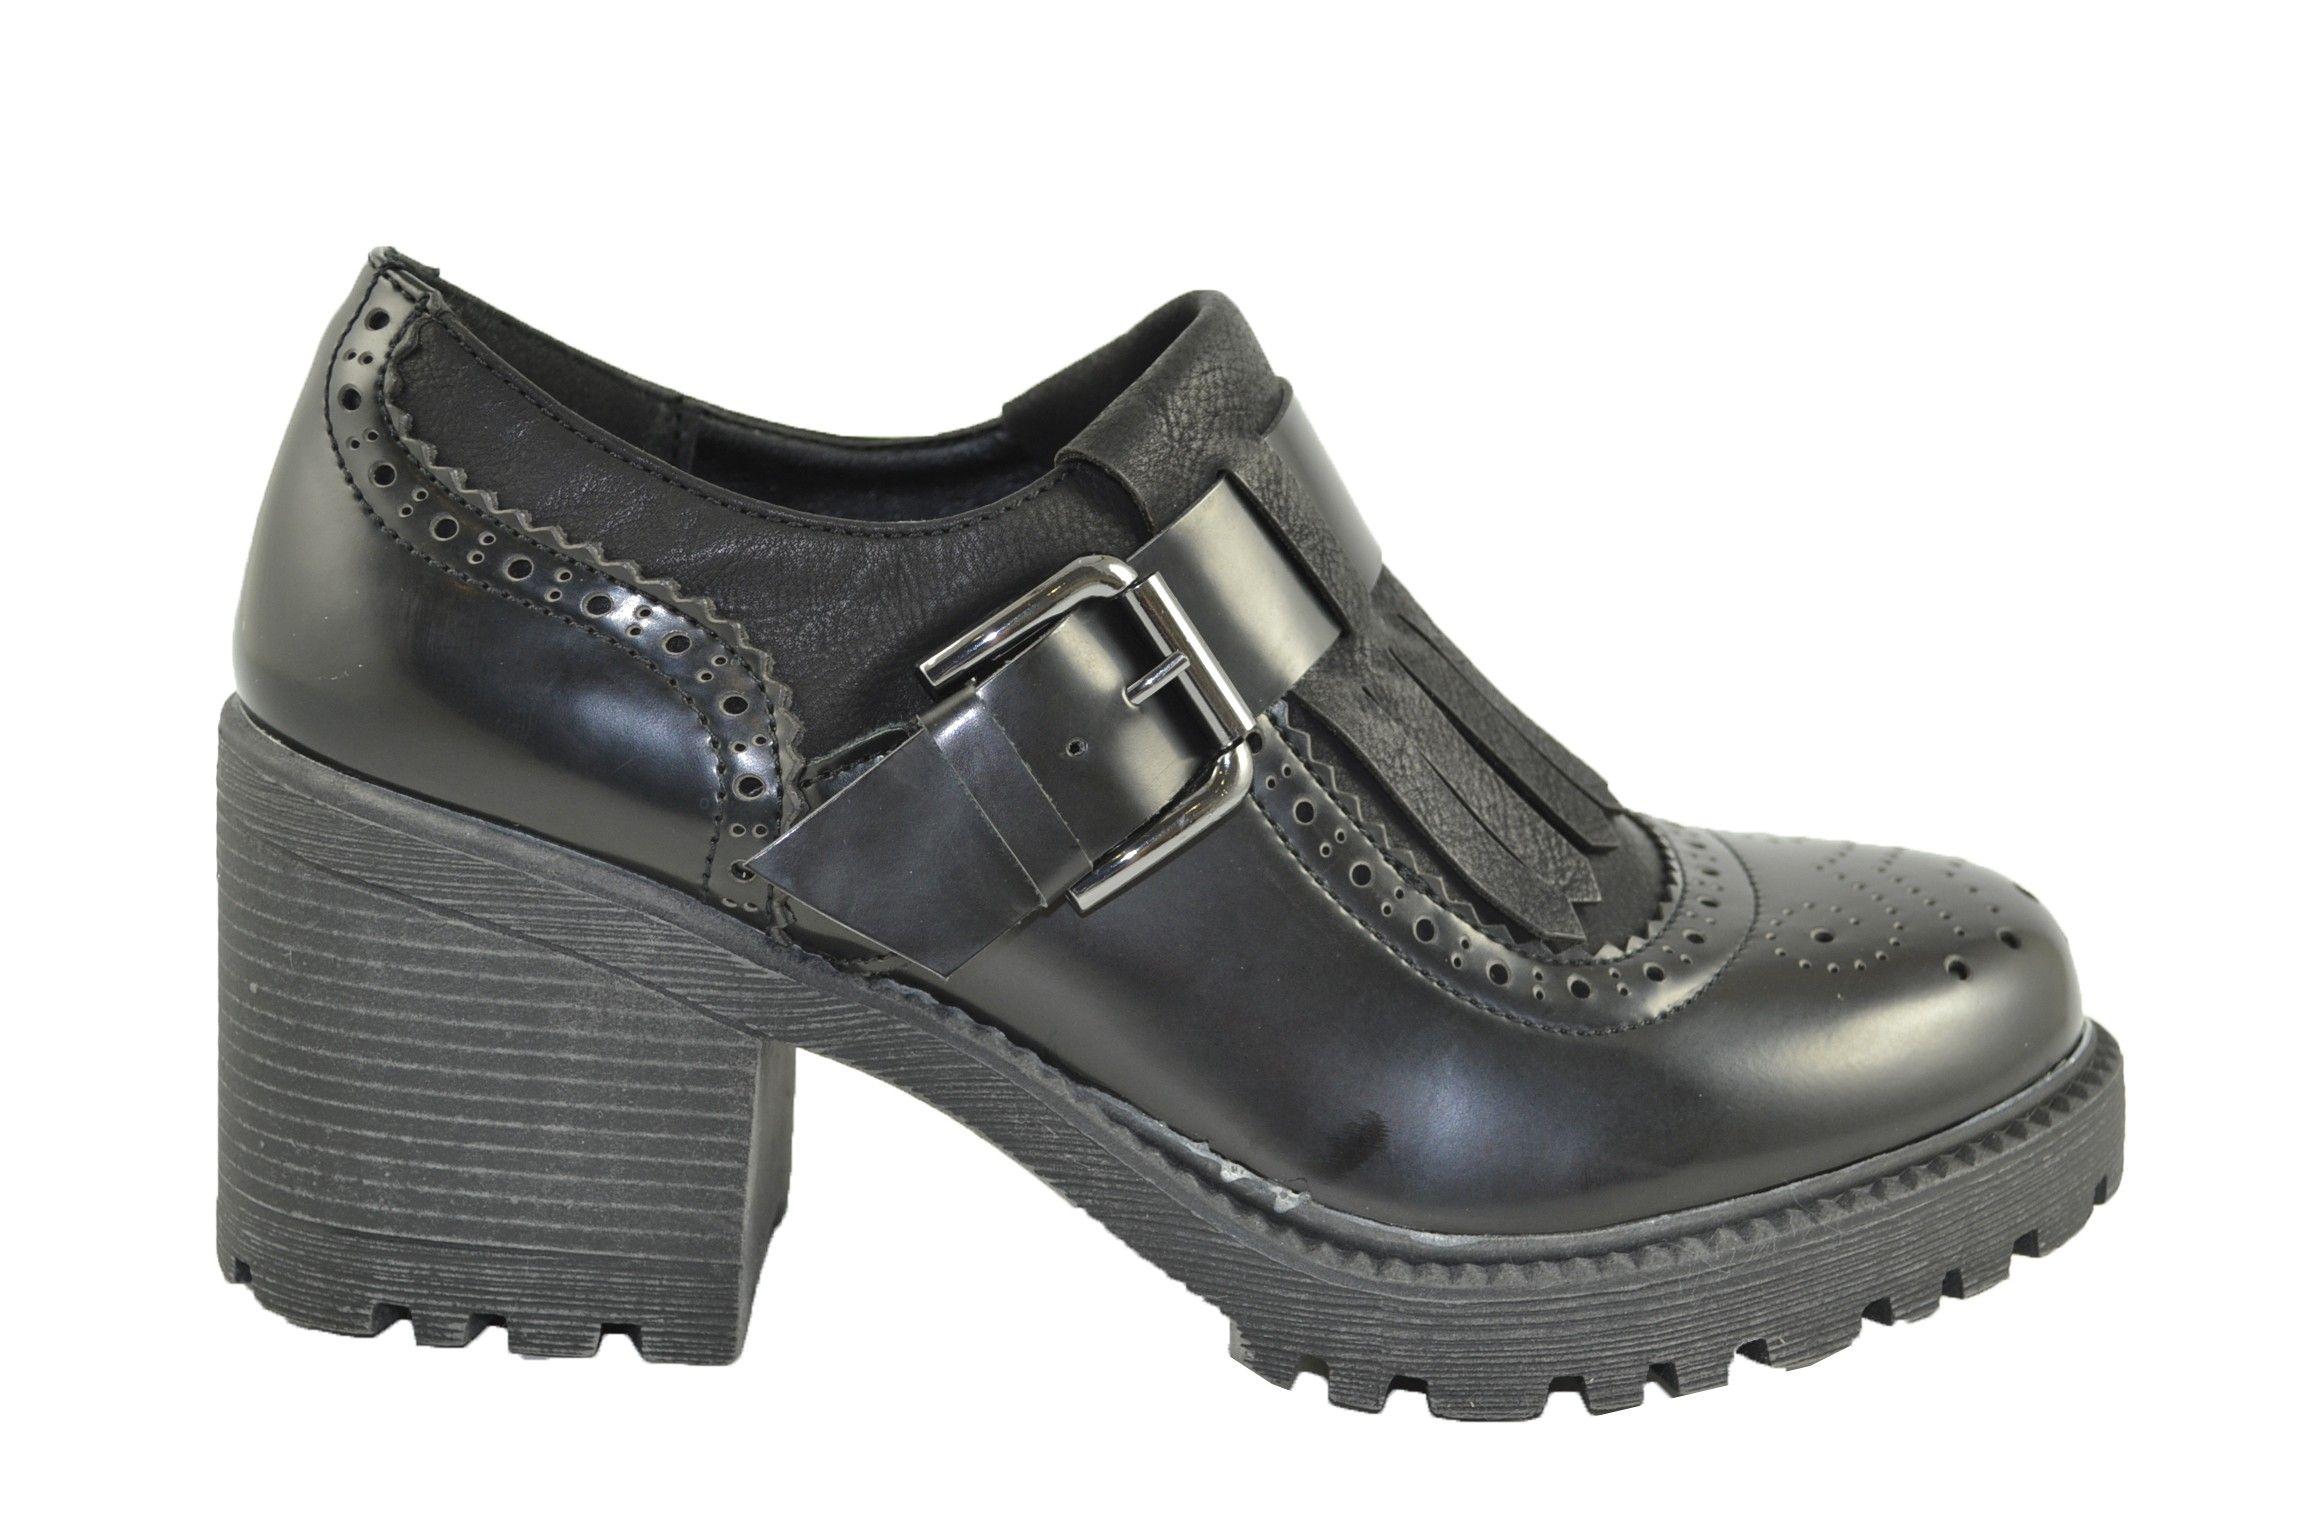 De Y Flecos Zapatos Mocasines Adorno Hebilla Grande Con Detalle wXOPuTZik